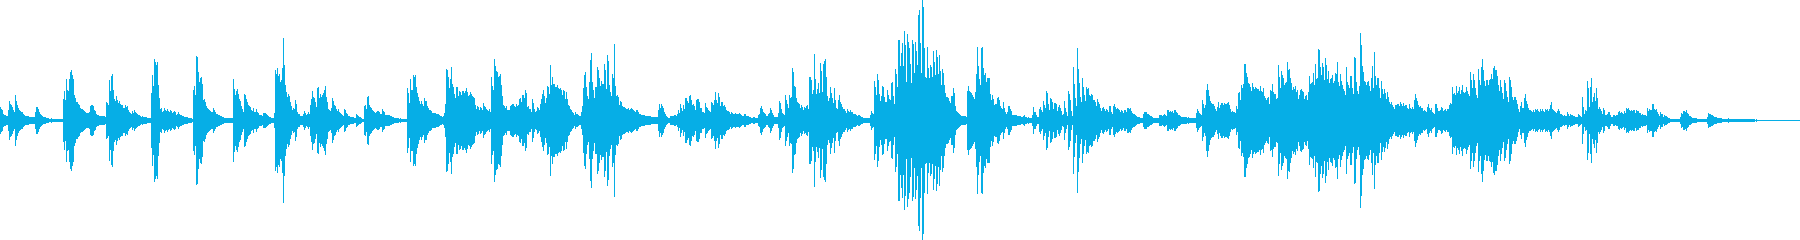 別れのピアノ曲(悲しい・切ない・後悔)の再生済みの波形